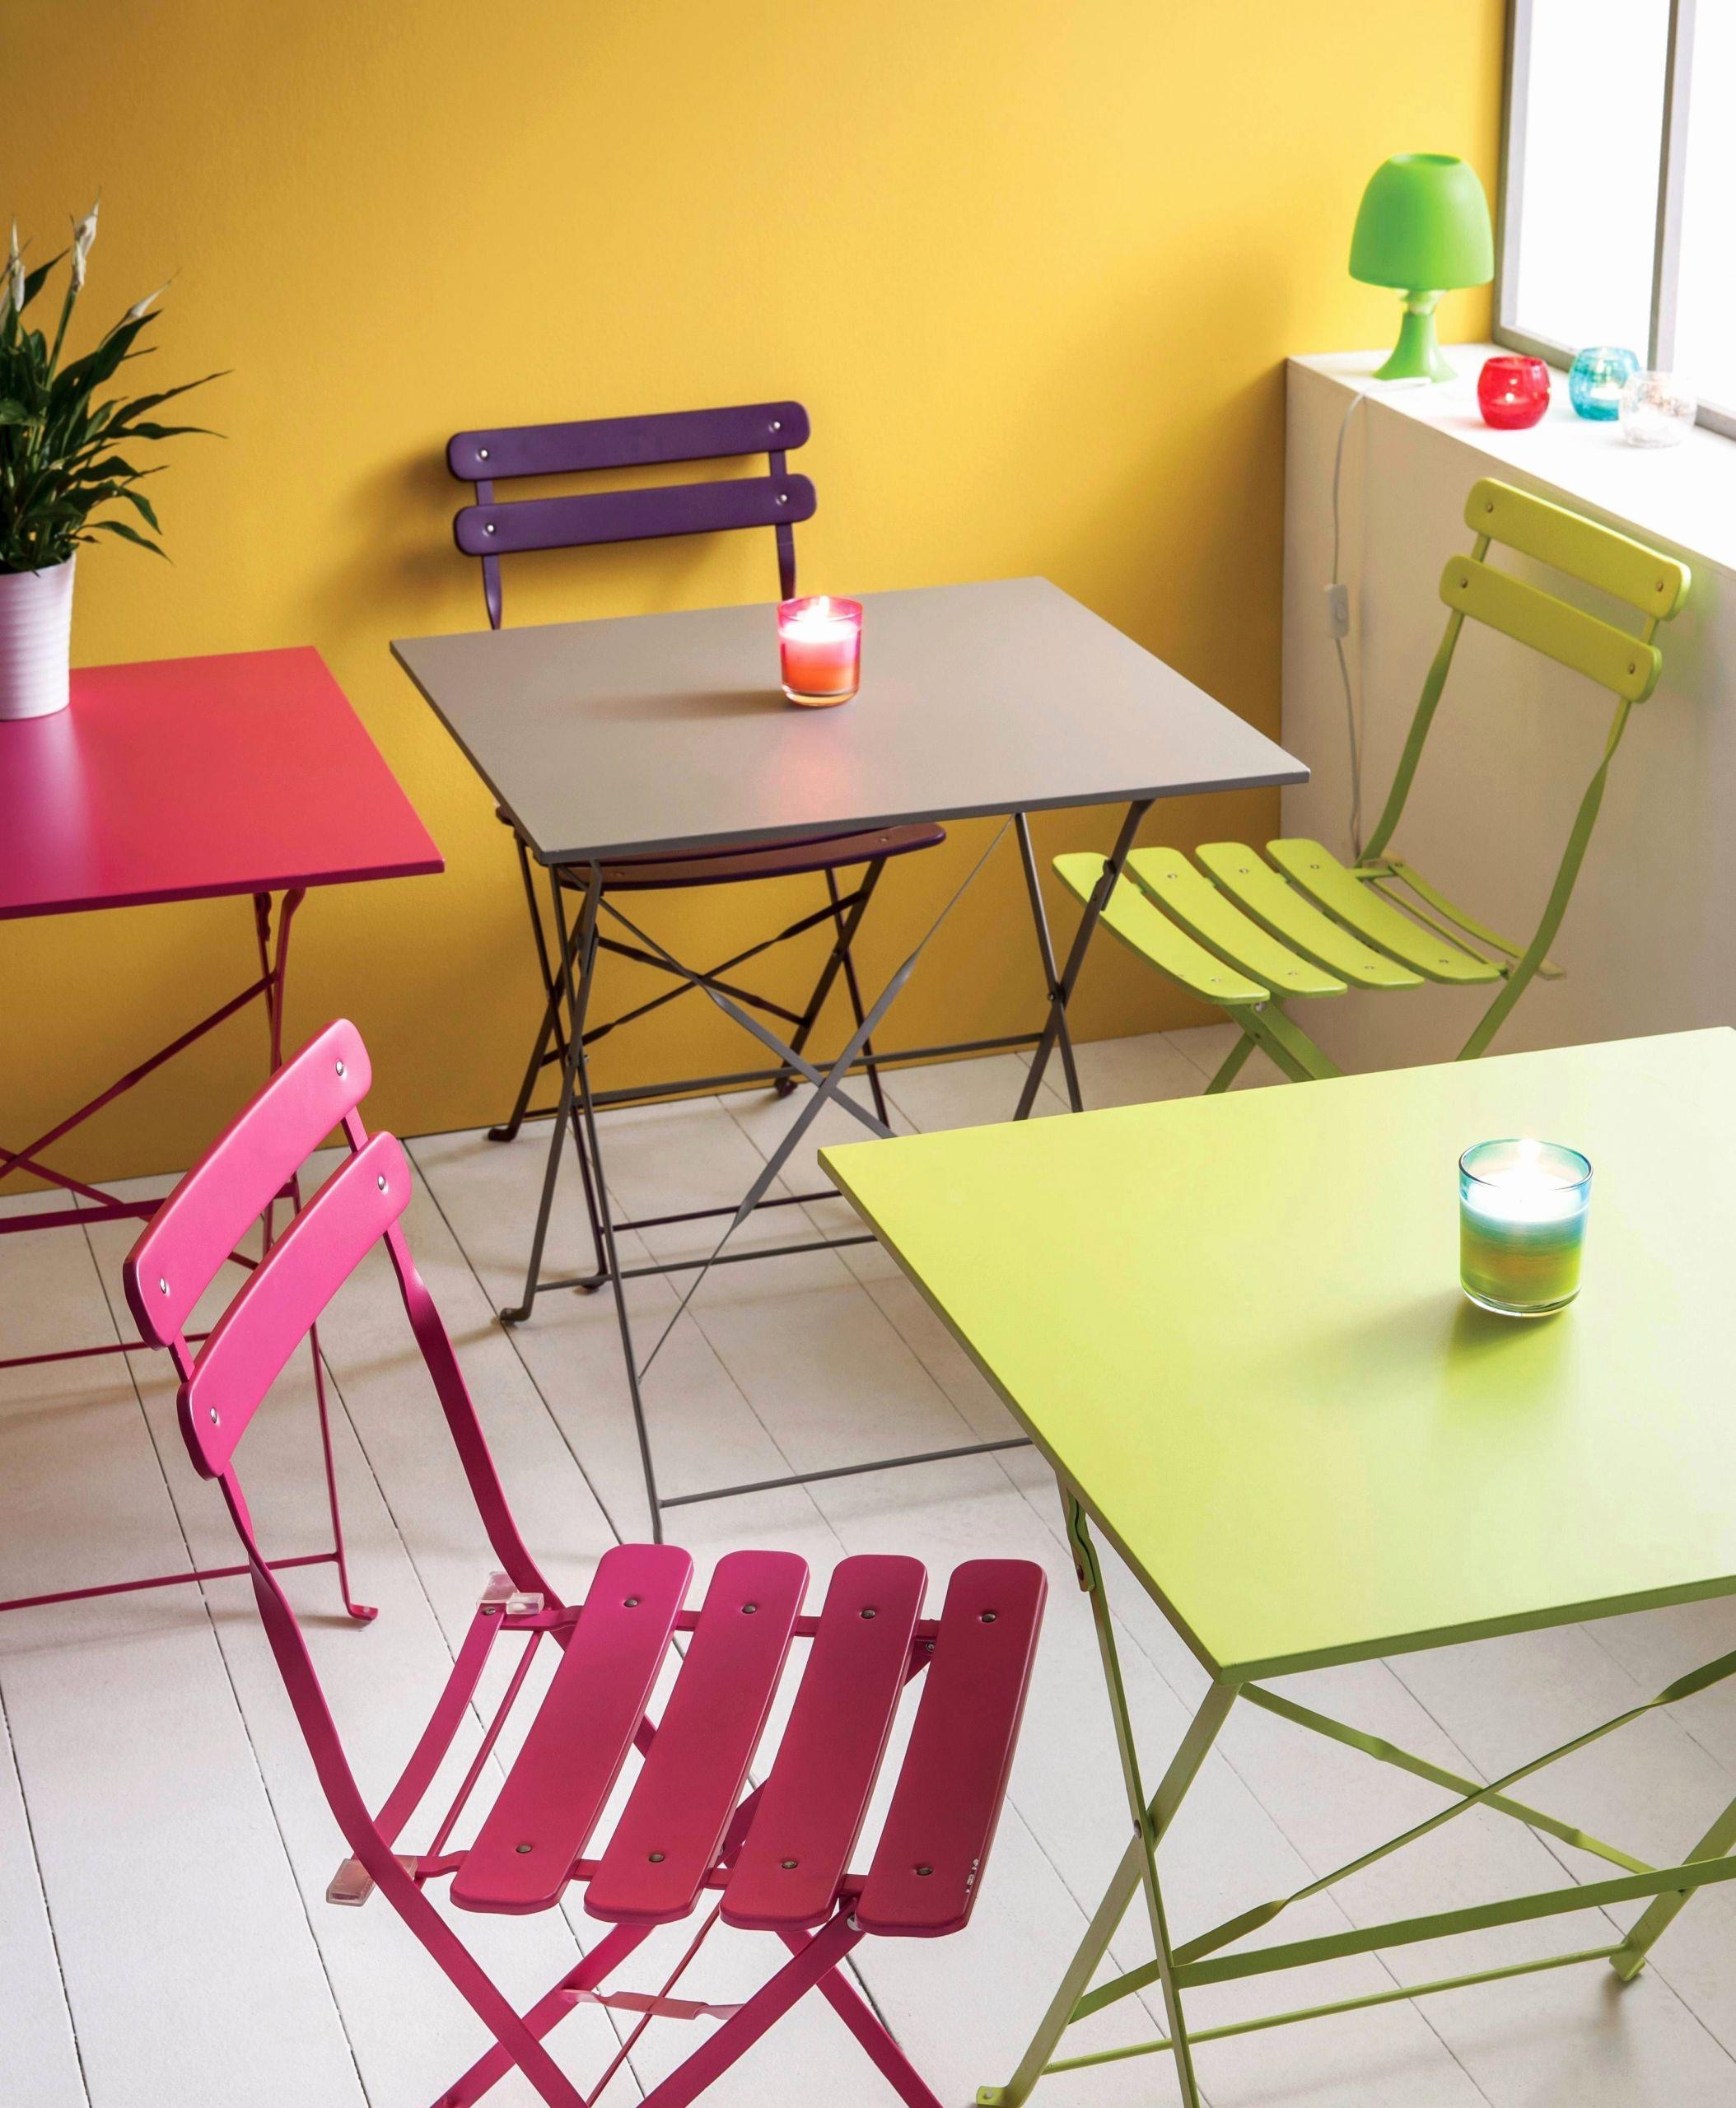 Salon De Jardin Plastique Design Beau Salon De Jardin ... intérieur Table De Jardin Plastique Leclerc